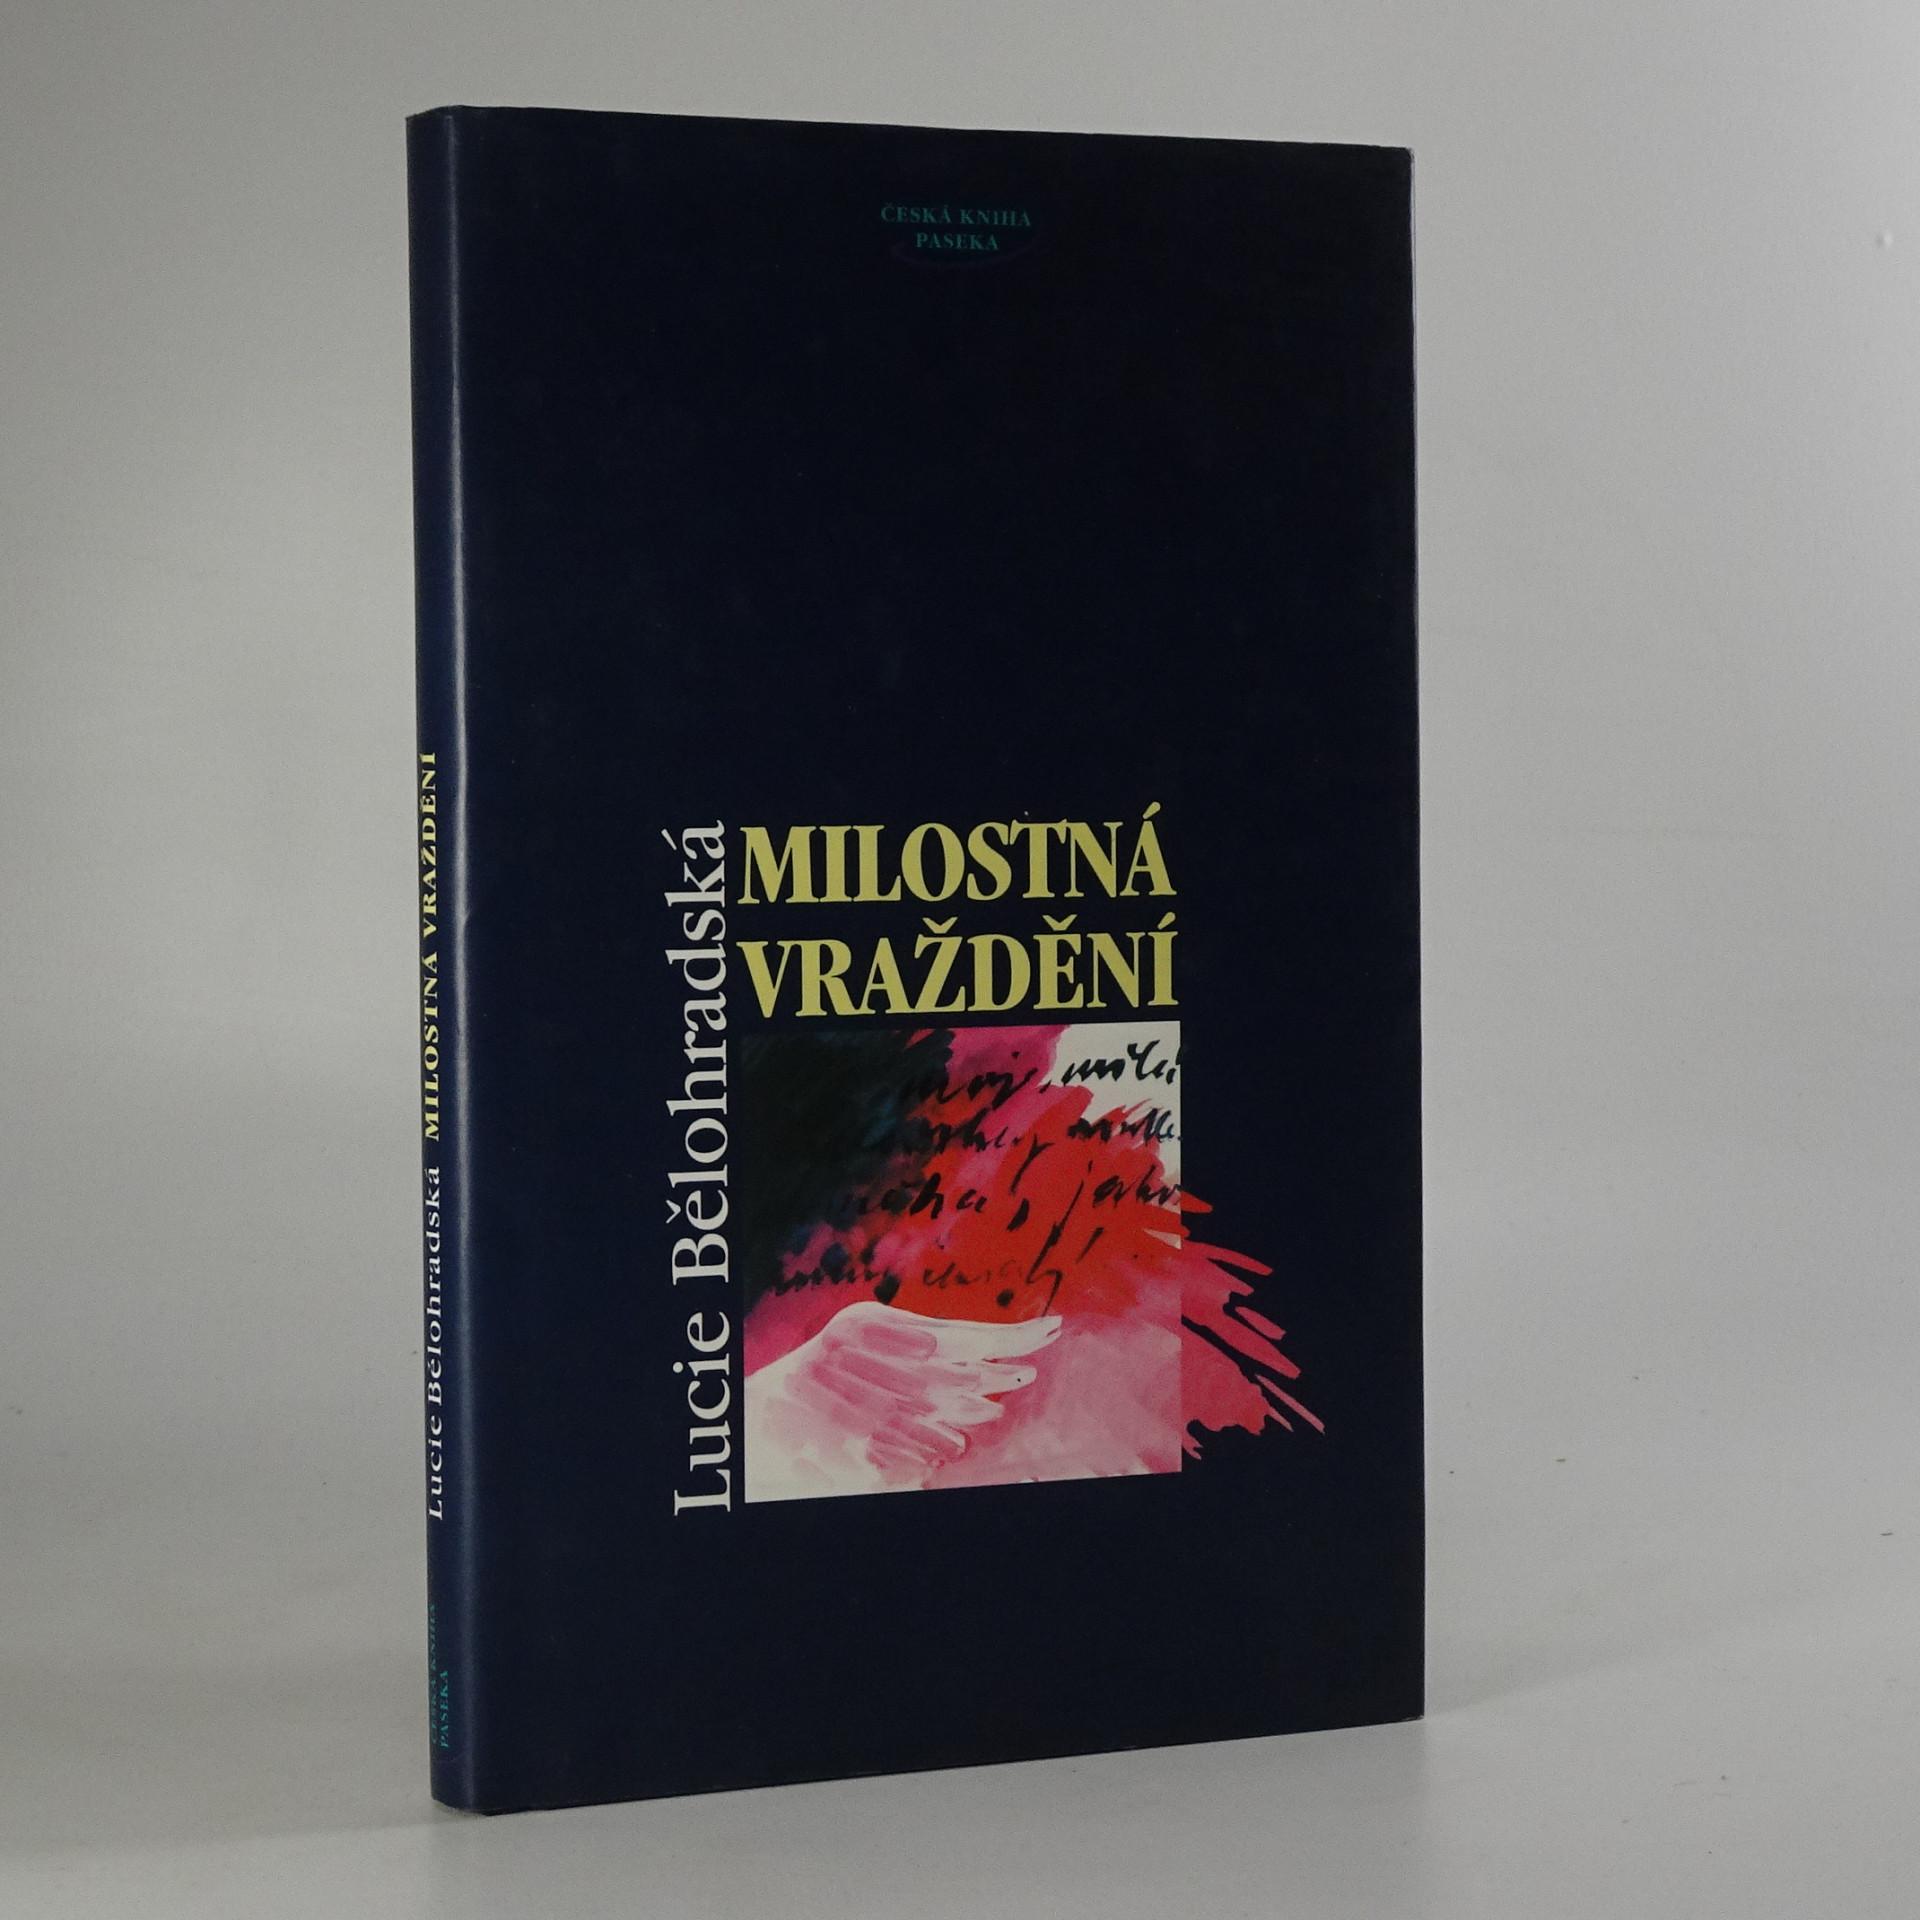 antikvární kniha Milostná vraždění, 1996